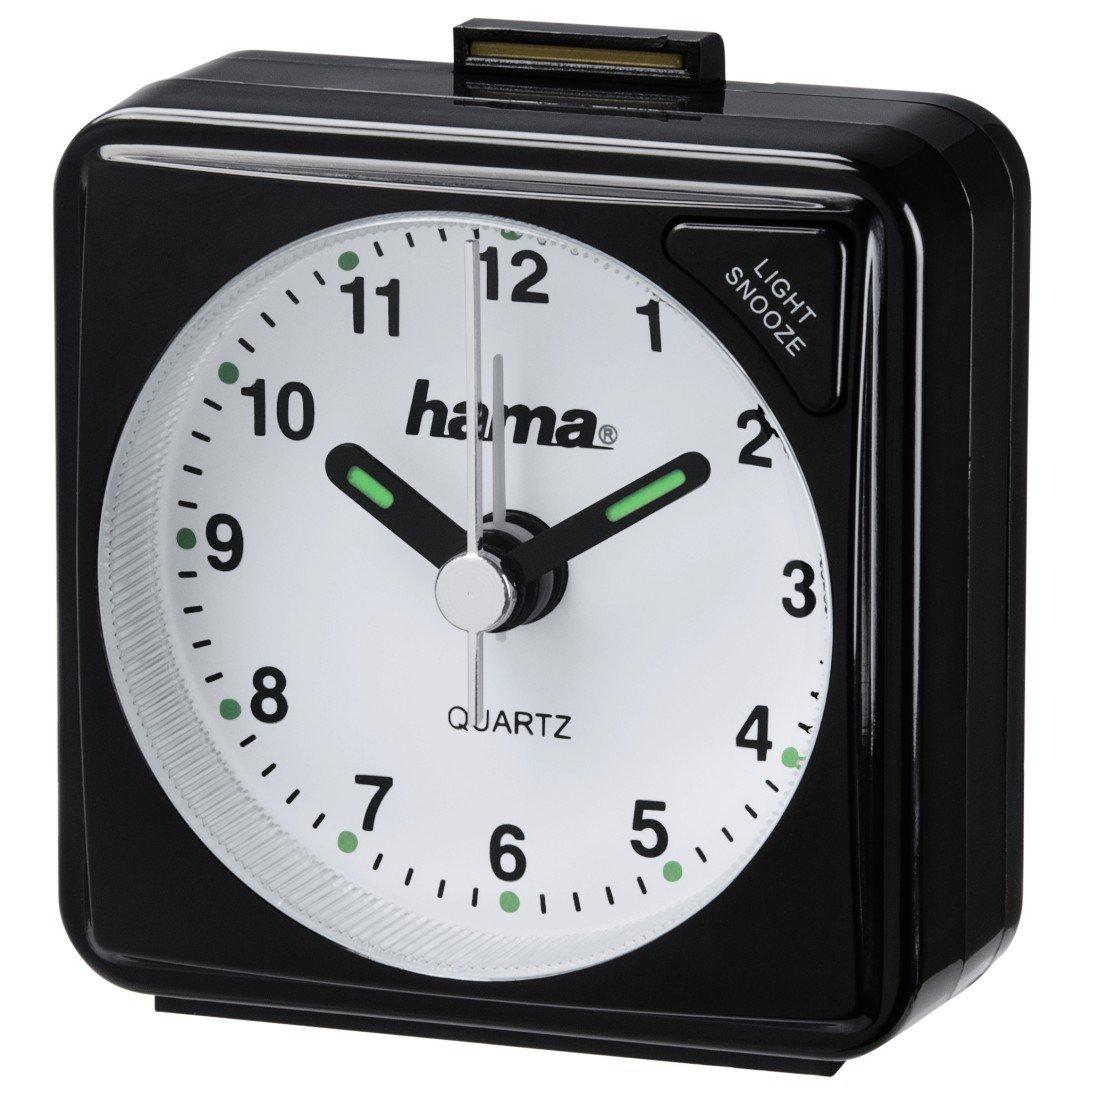 Hama A50 Sveglia da Viaggio, Plastica, Bianco, 5.6 x 3 x 5.6 cm 00136240